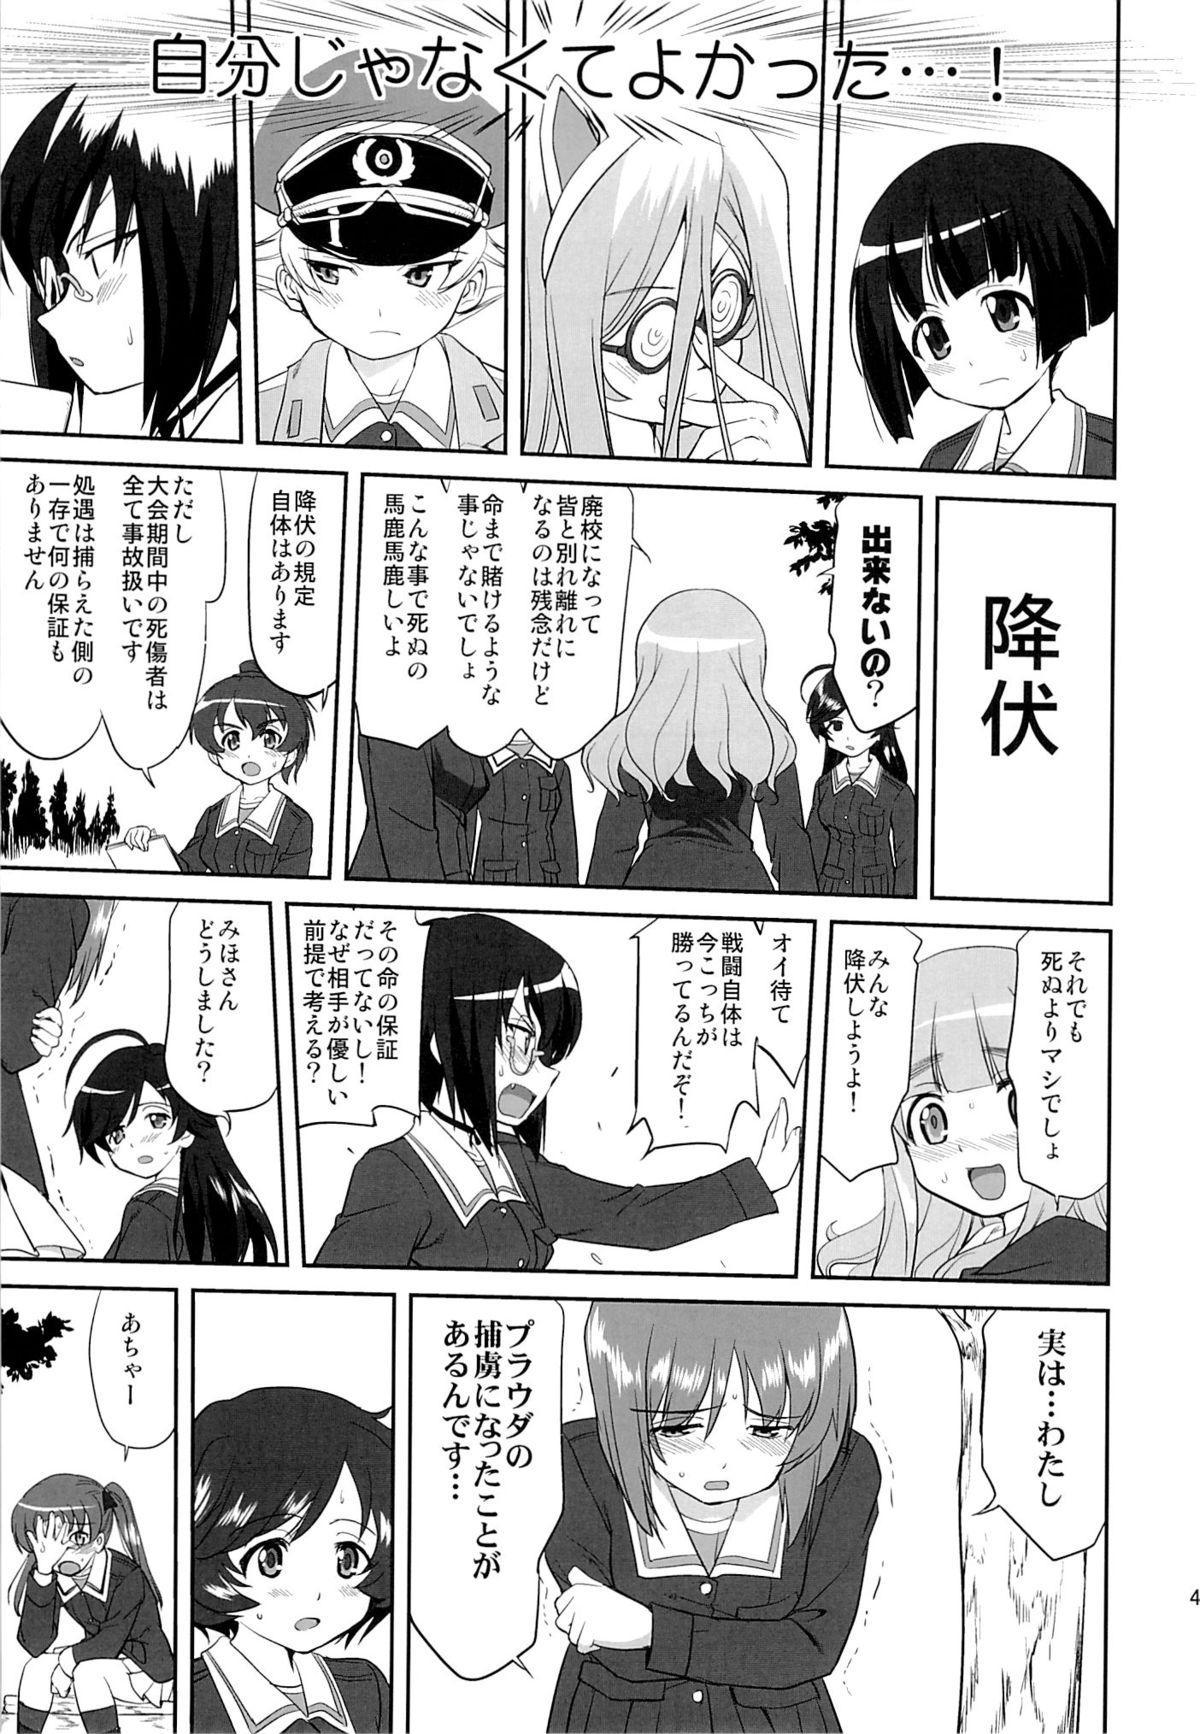 Yukiyukite Senshadou 39